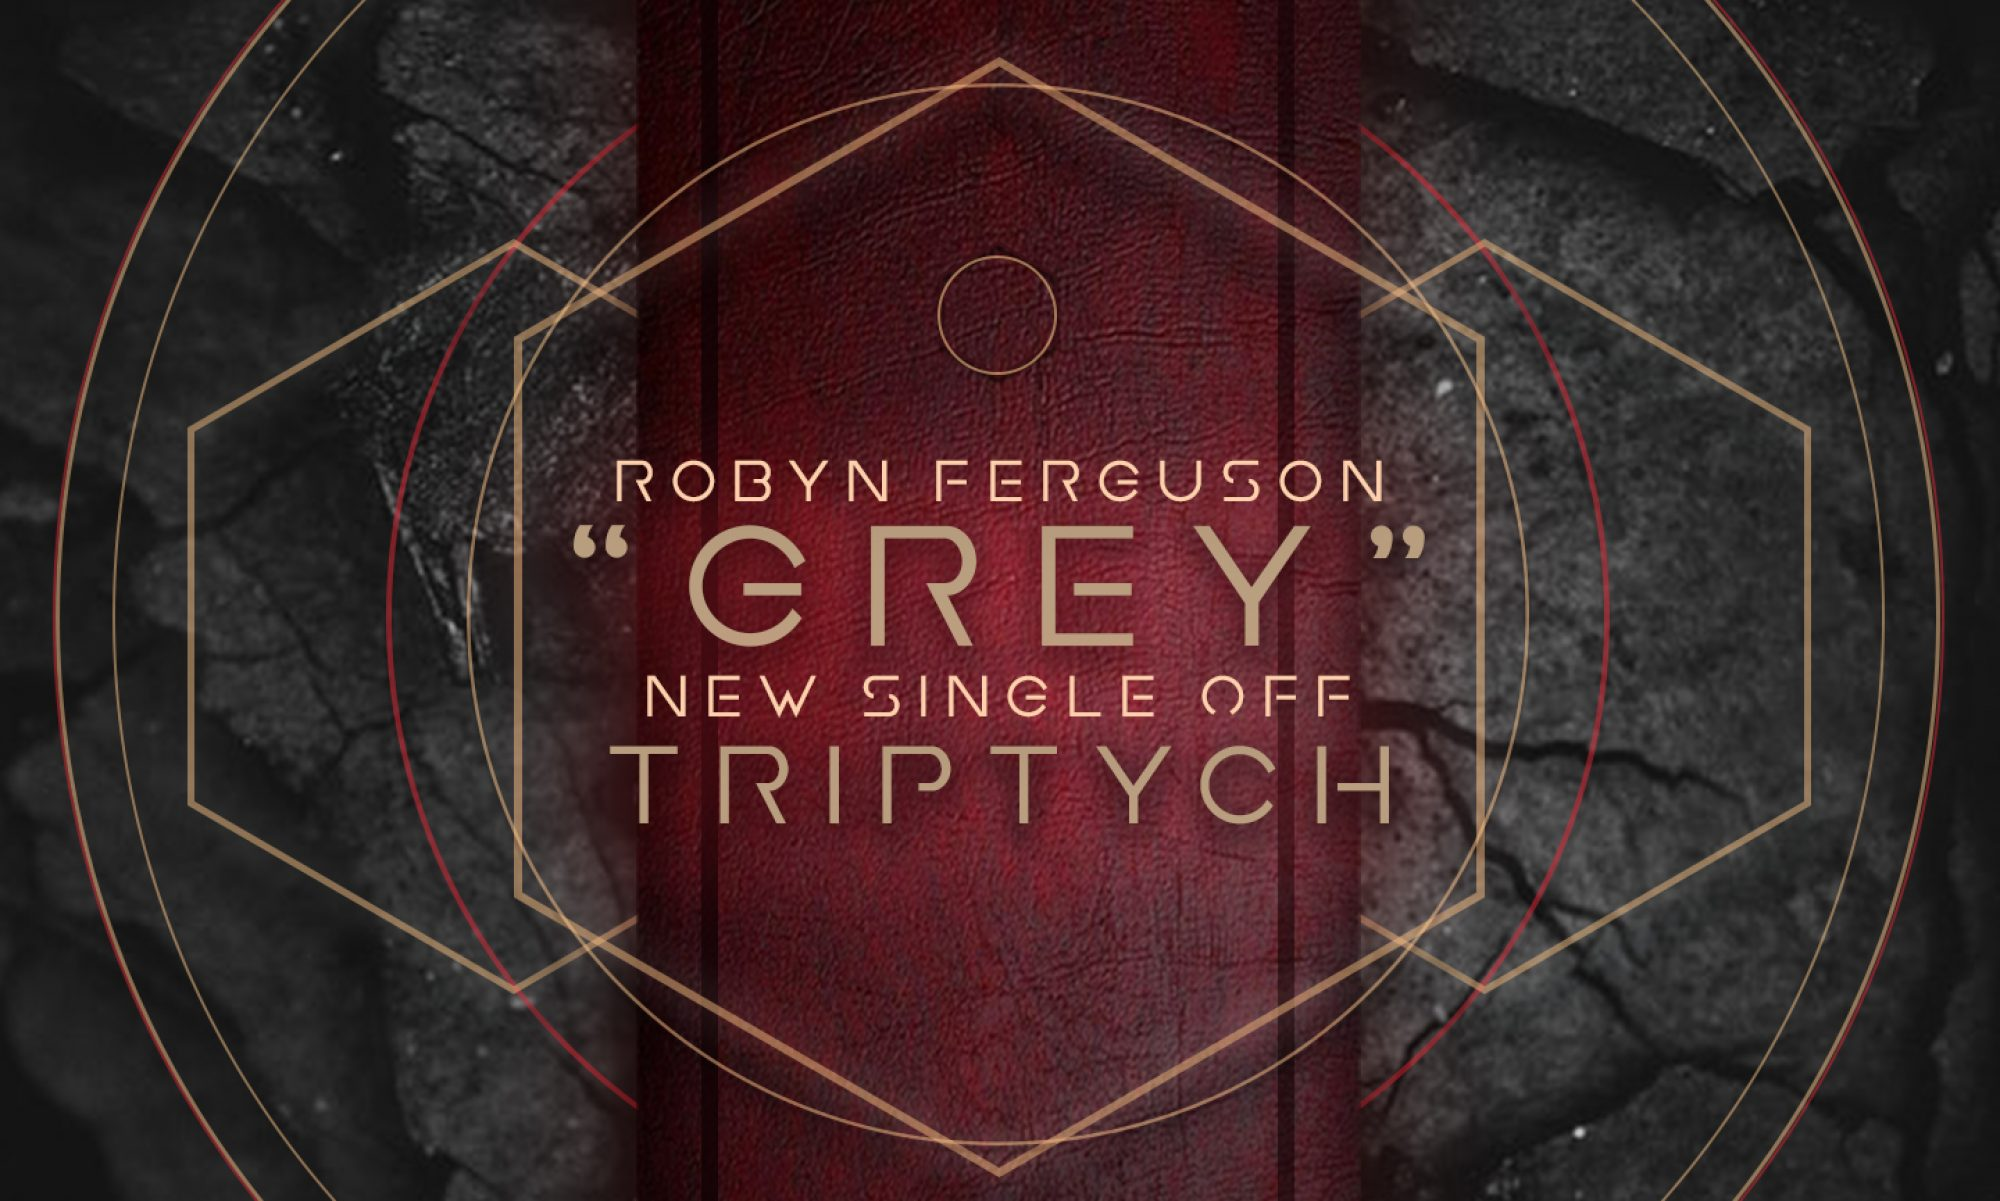 Robyn Ferguson- Guitarist, Vocalist, Artist